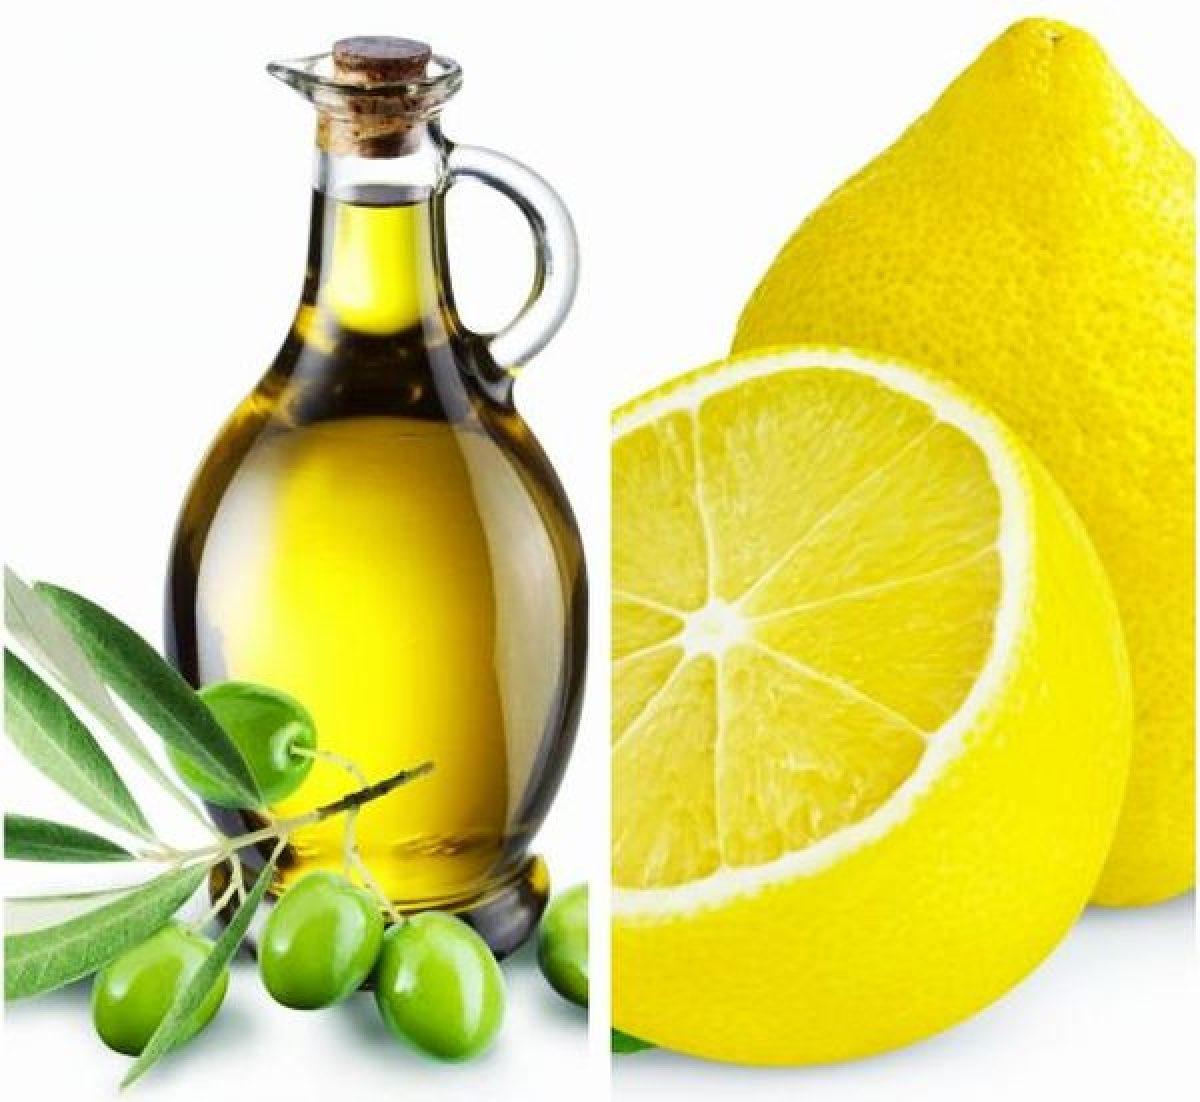 Zeamă de lămâie cu ulei de măsline - detoxifiantul - in2constient.ro, inspiratie zi de zi